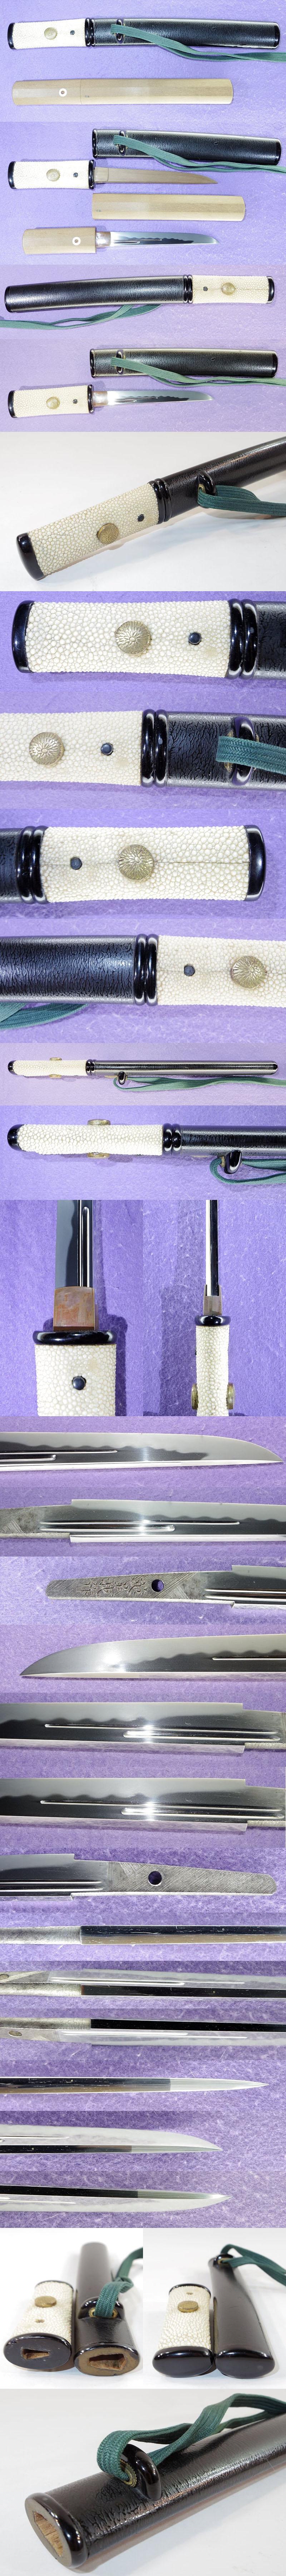 短刀 英義作(藤枝太郎英義)(懐剣) Picture of parts